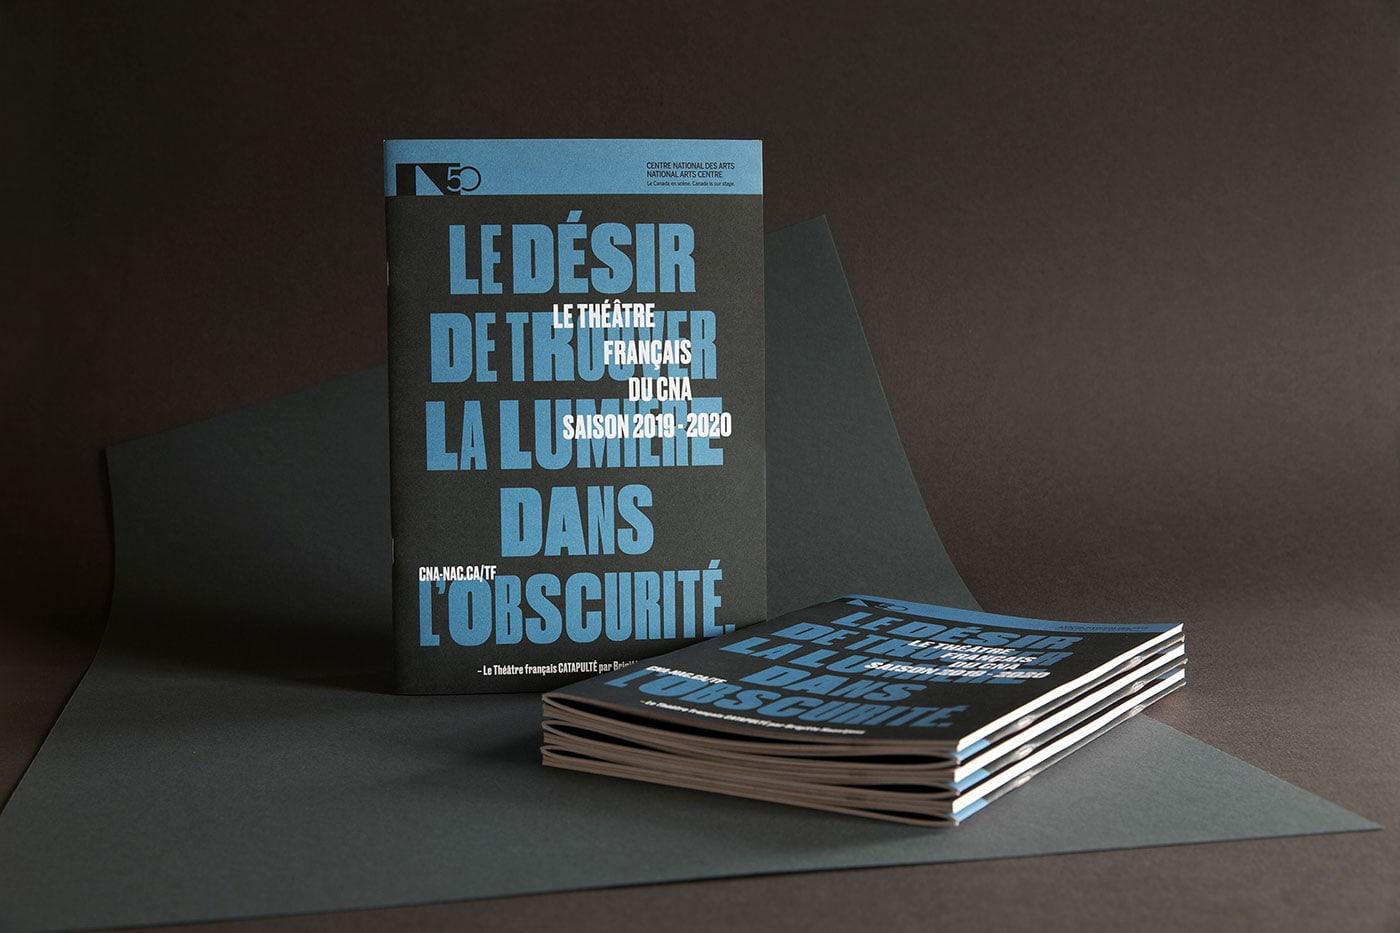 国家艺术中心法国剧院(NAC):2019-2020演出季宣传画册设计